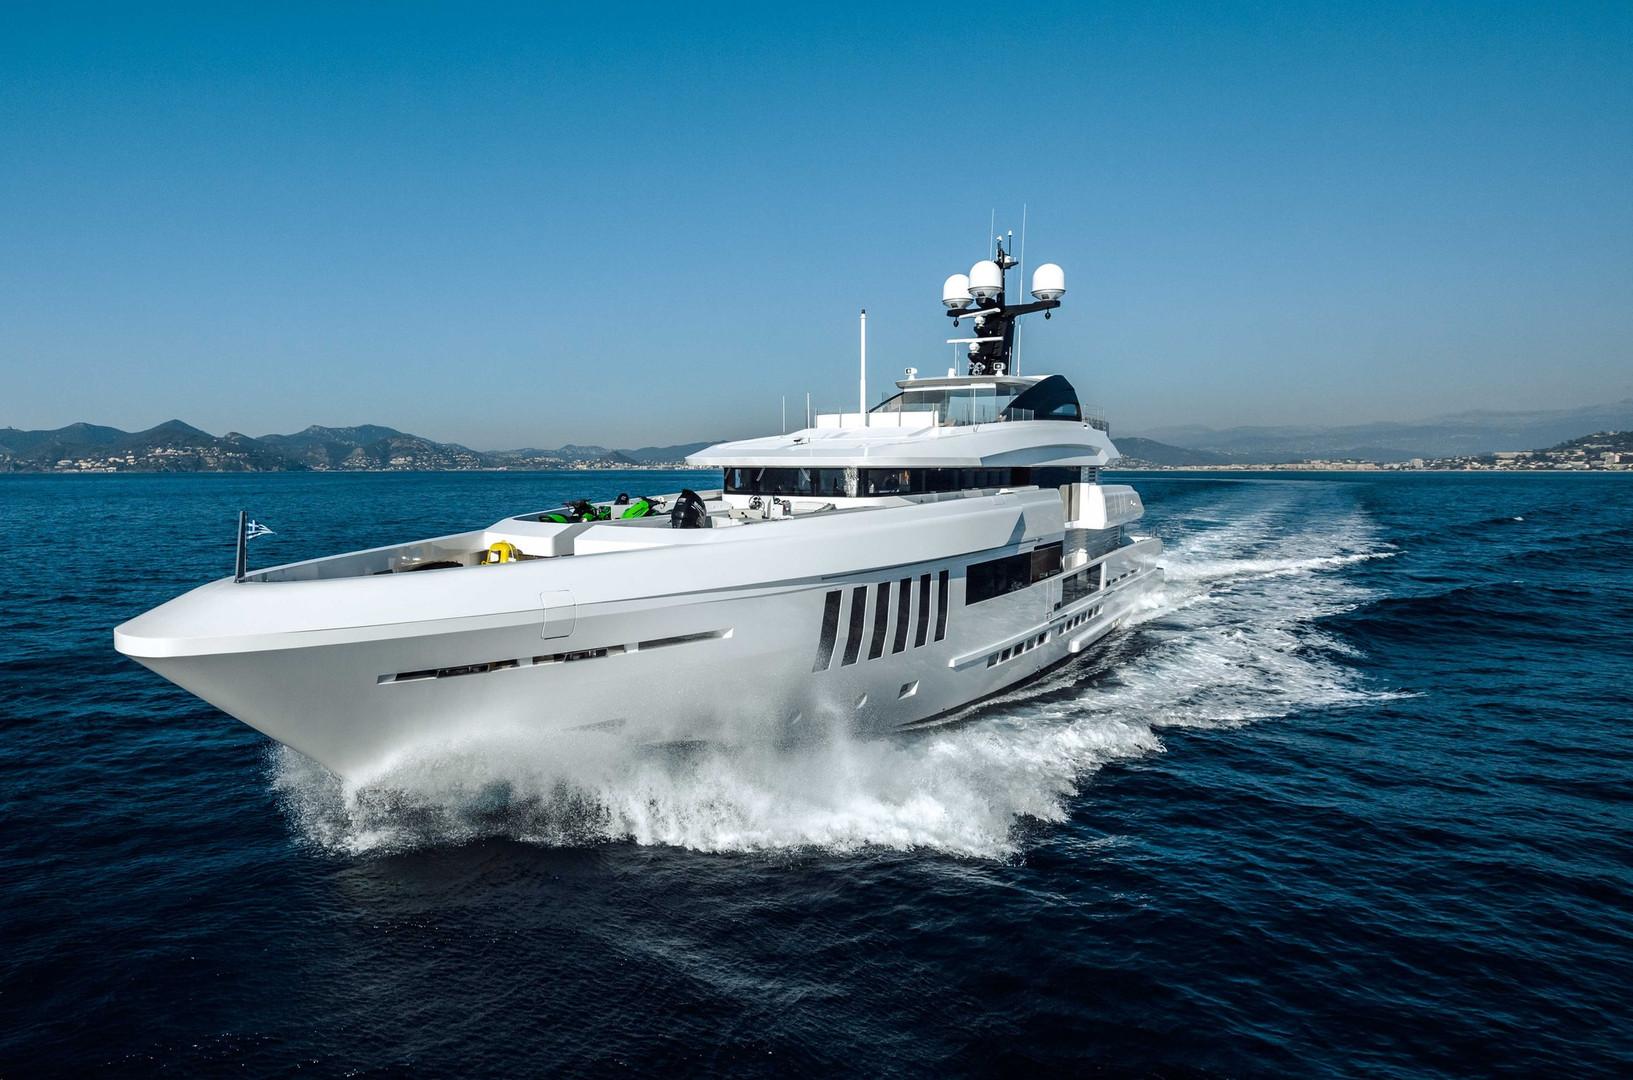 Yacht OURANOS - 50m Admiral, underway